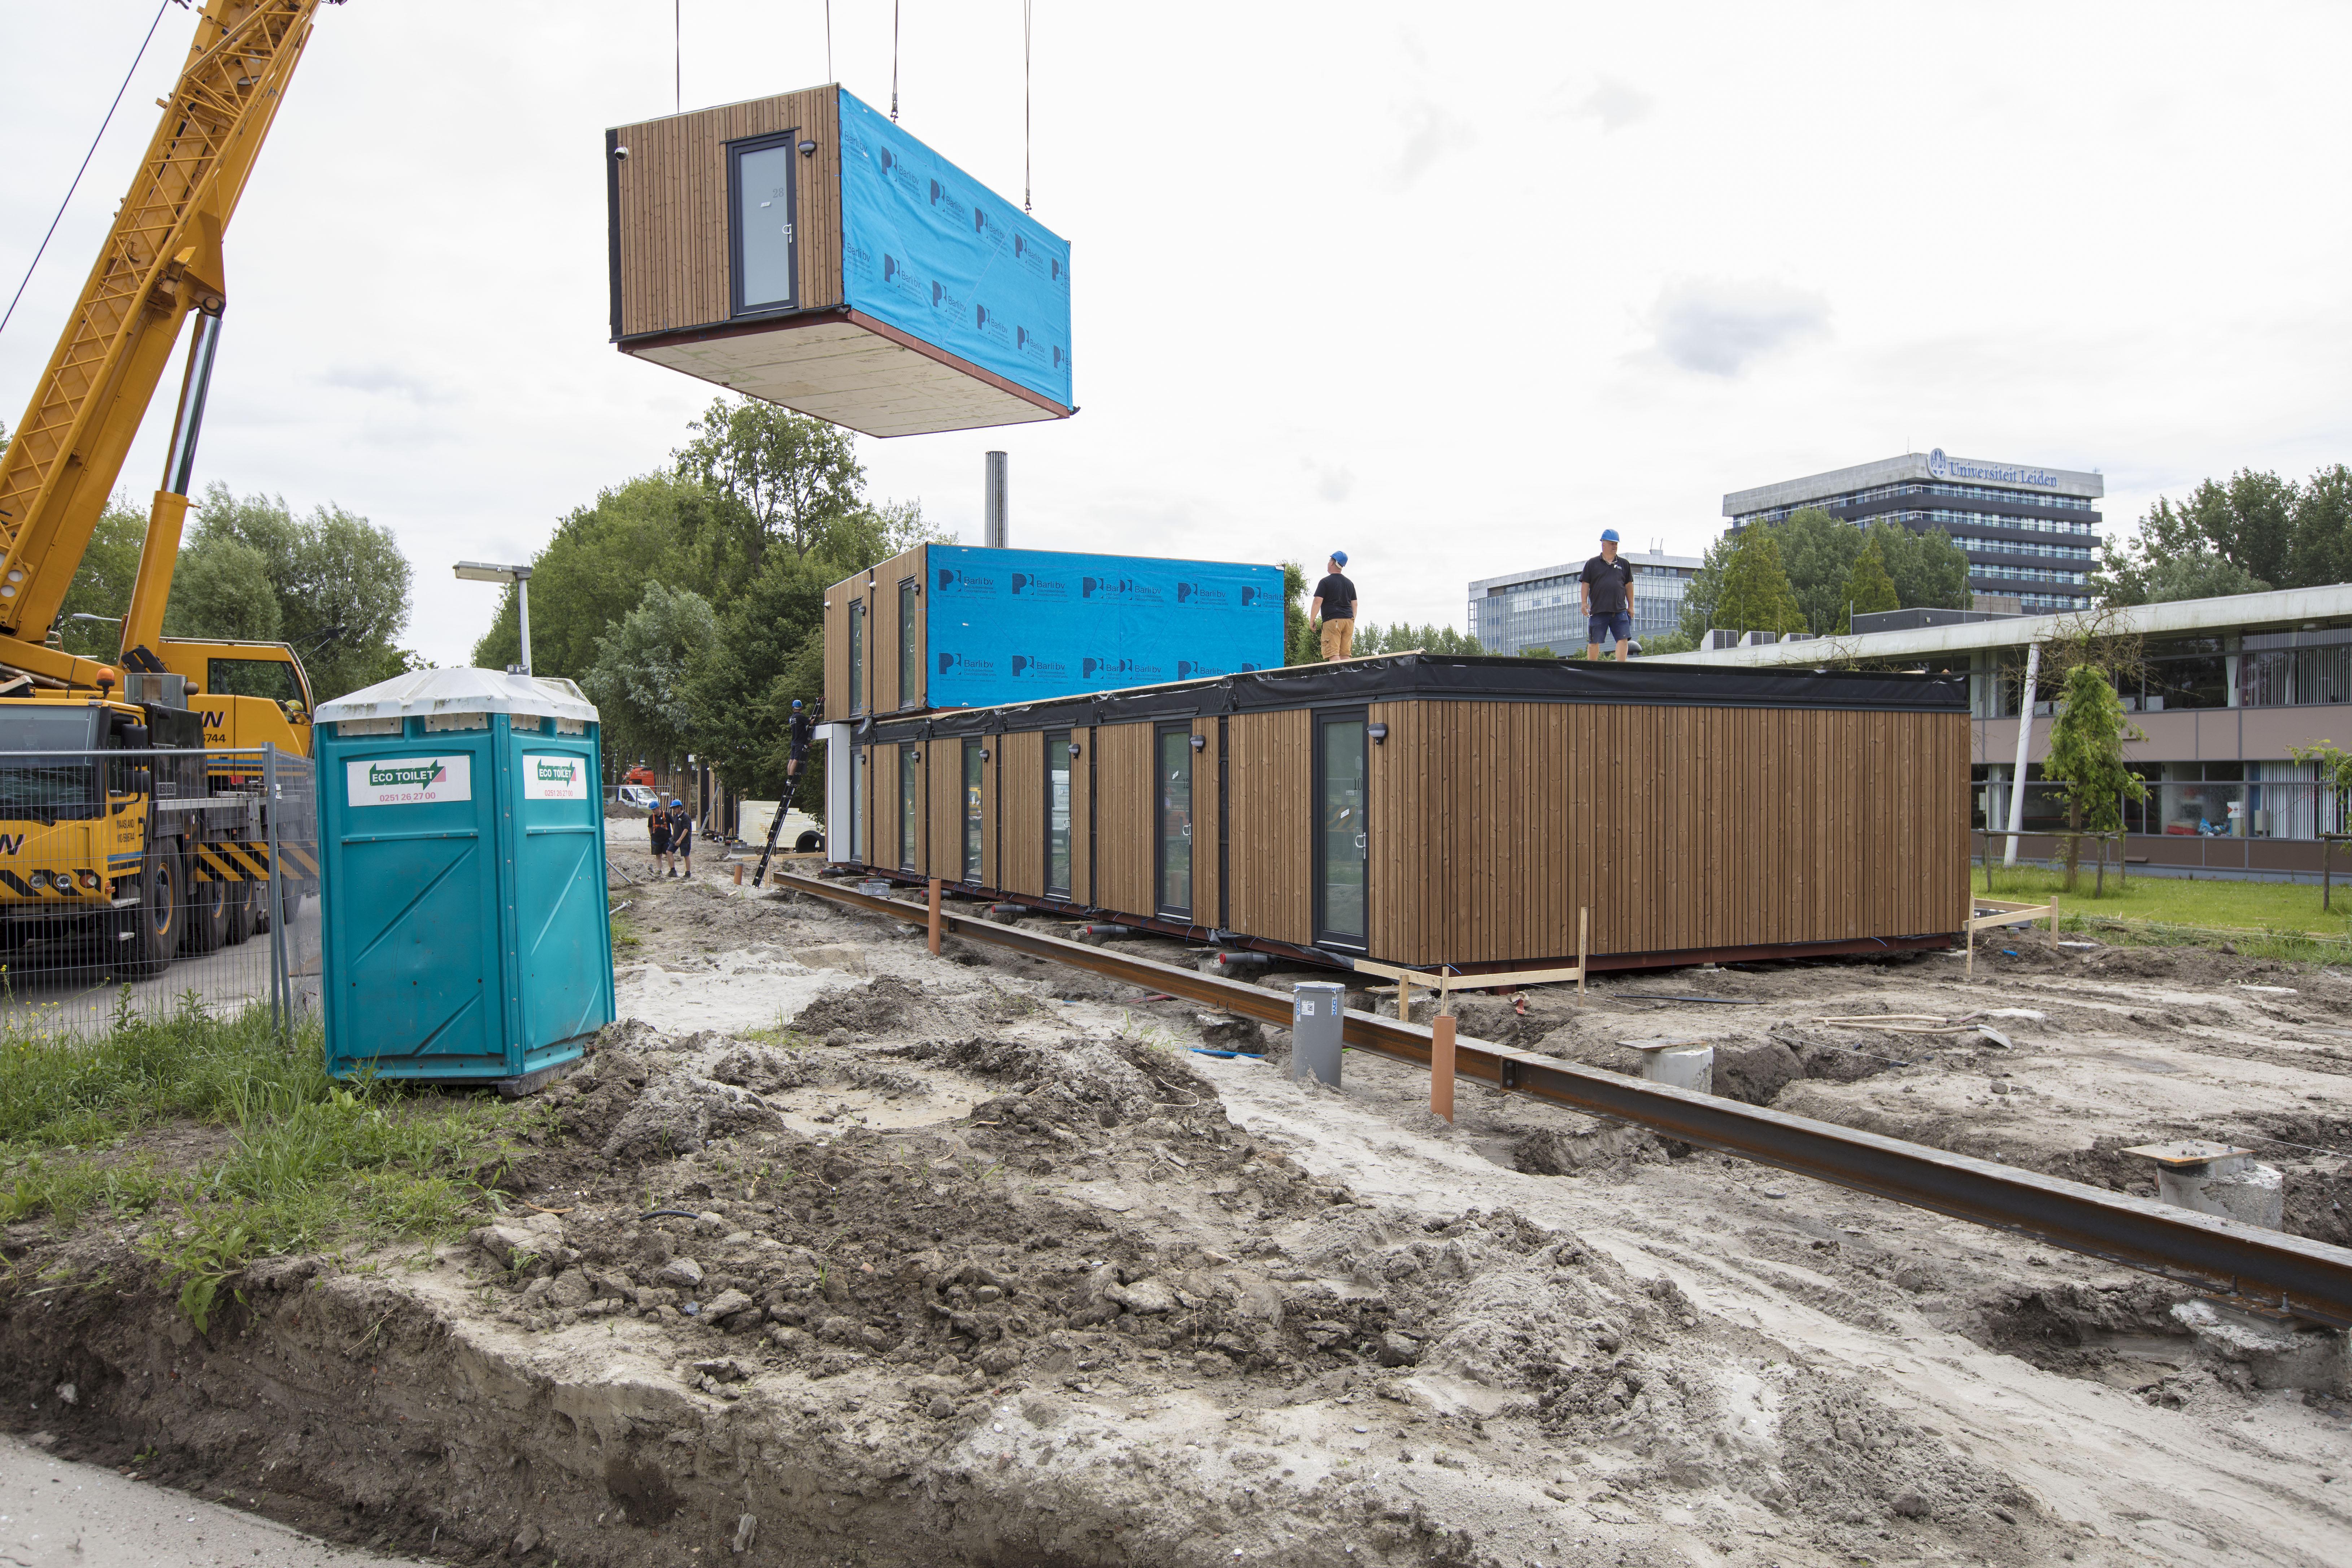 Geheimhouding opgeheven: 80 flexwoningen voor statushouders, jongeren en gescheiden ouders komen in Castricum en Akersloot